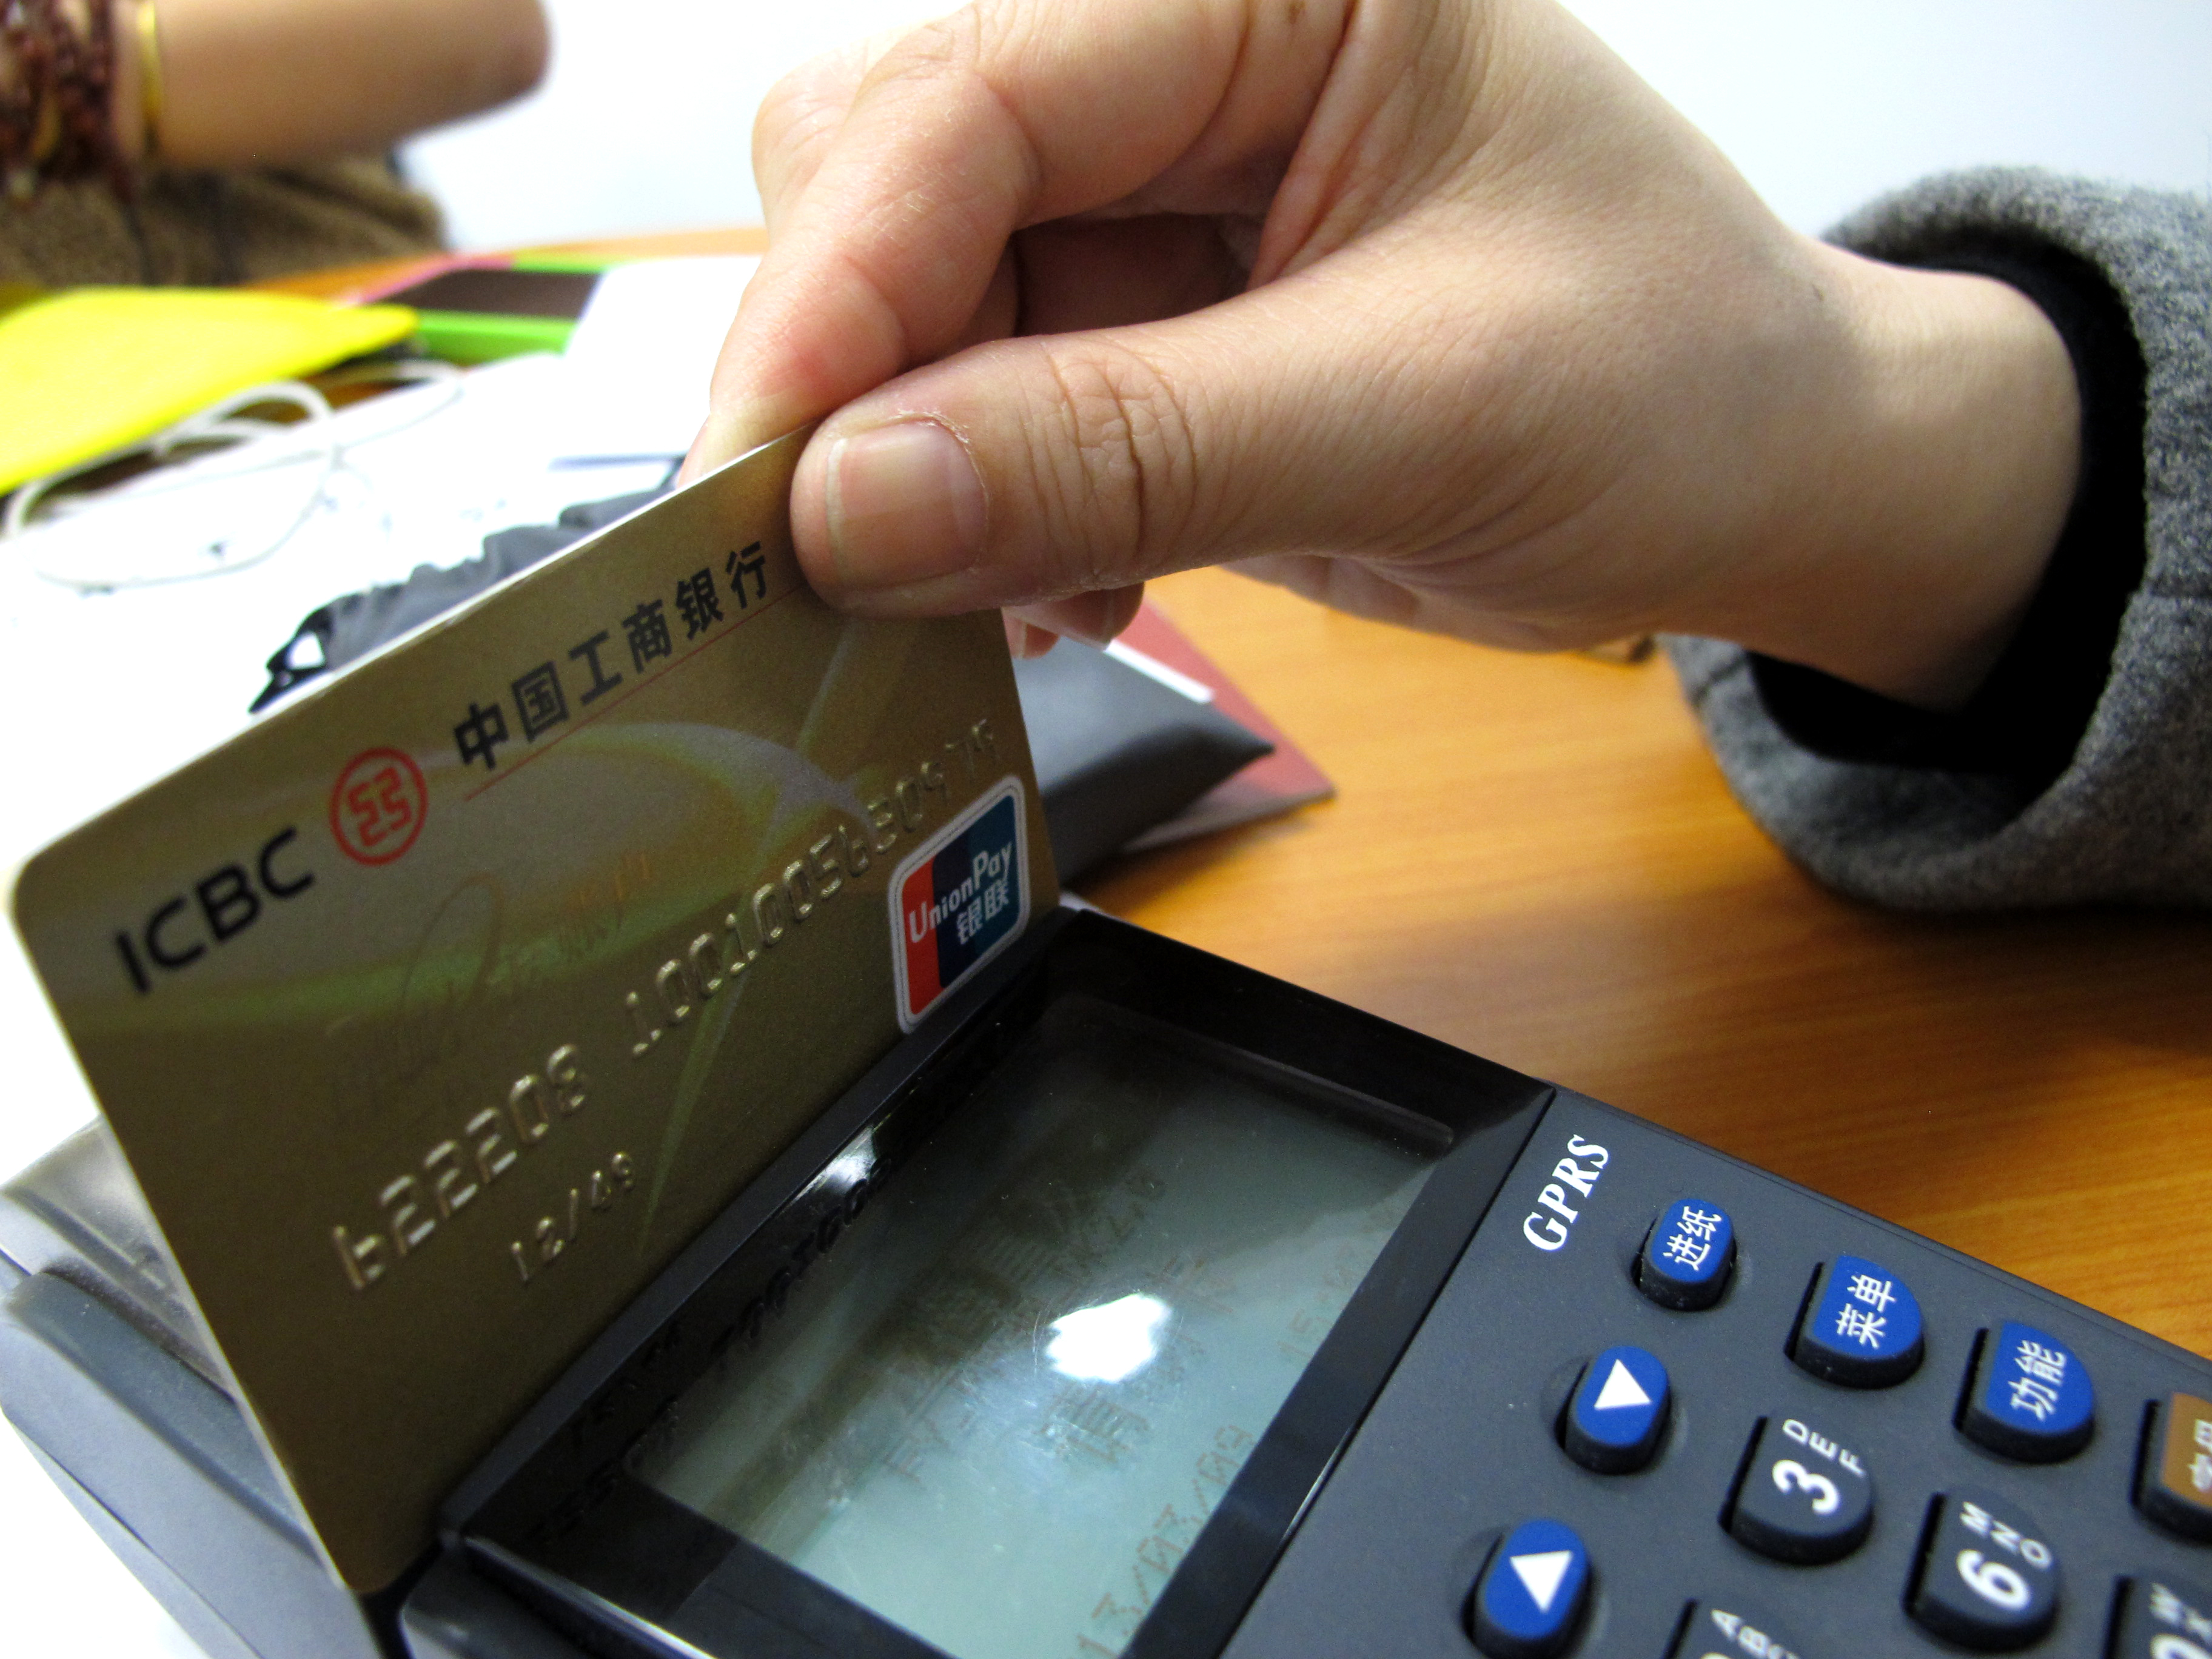 不知道办哪家银行的信用卡?整理十家银行的优缺点!